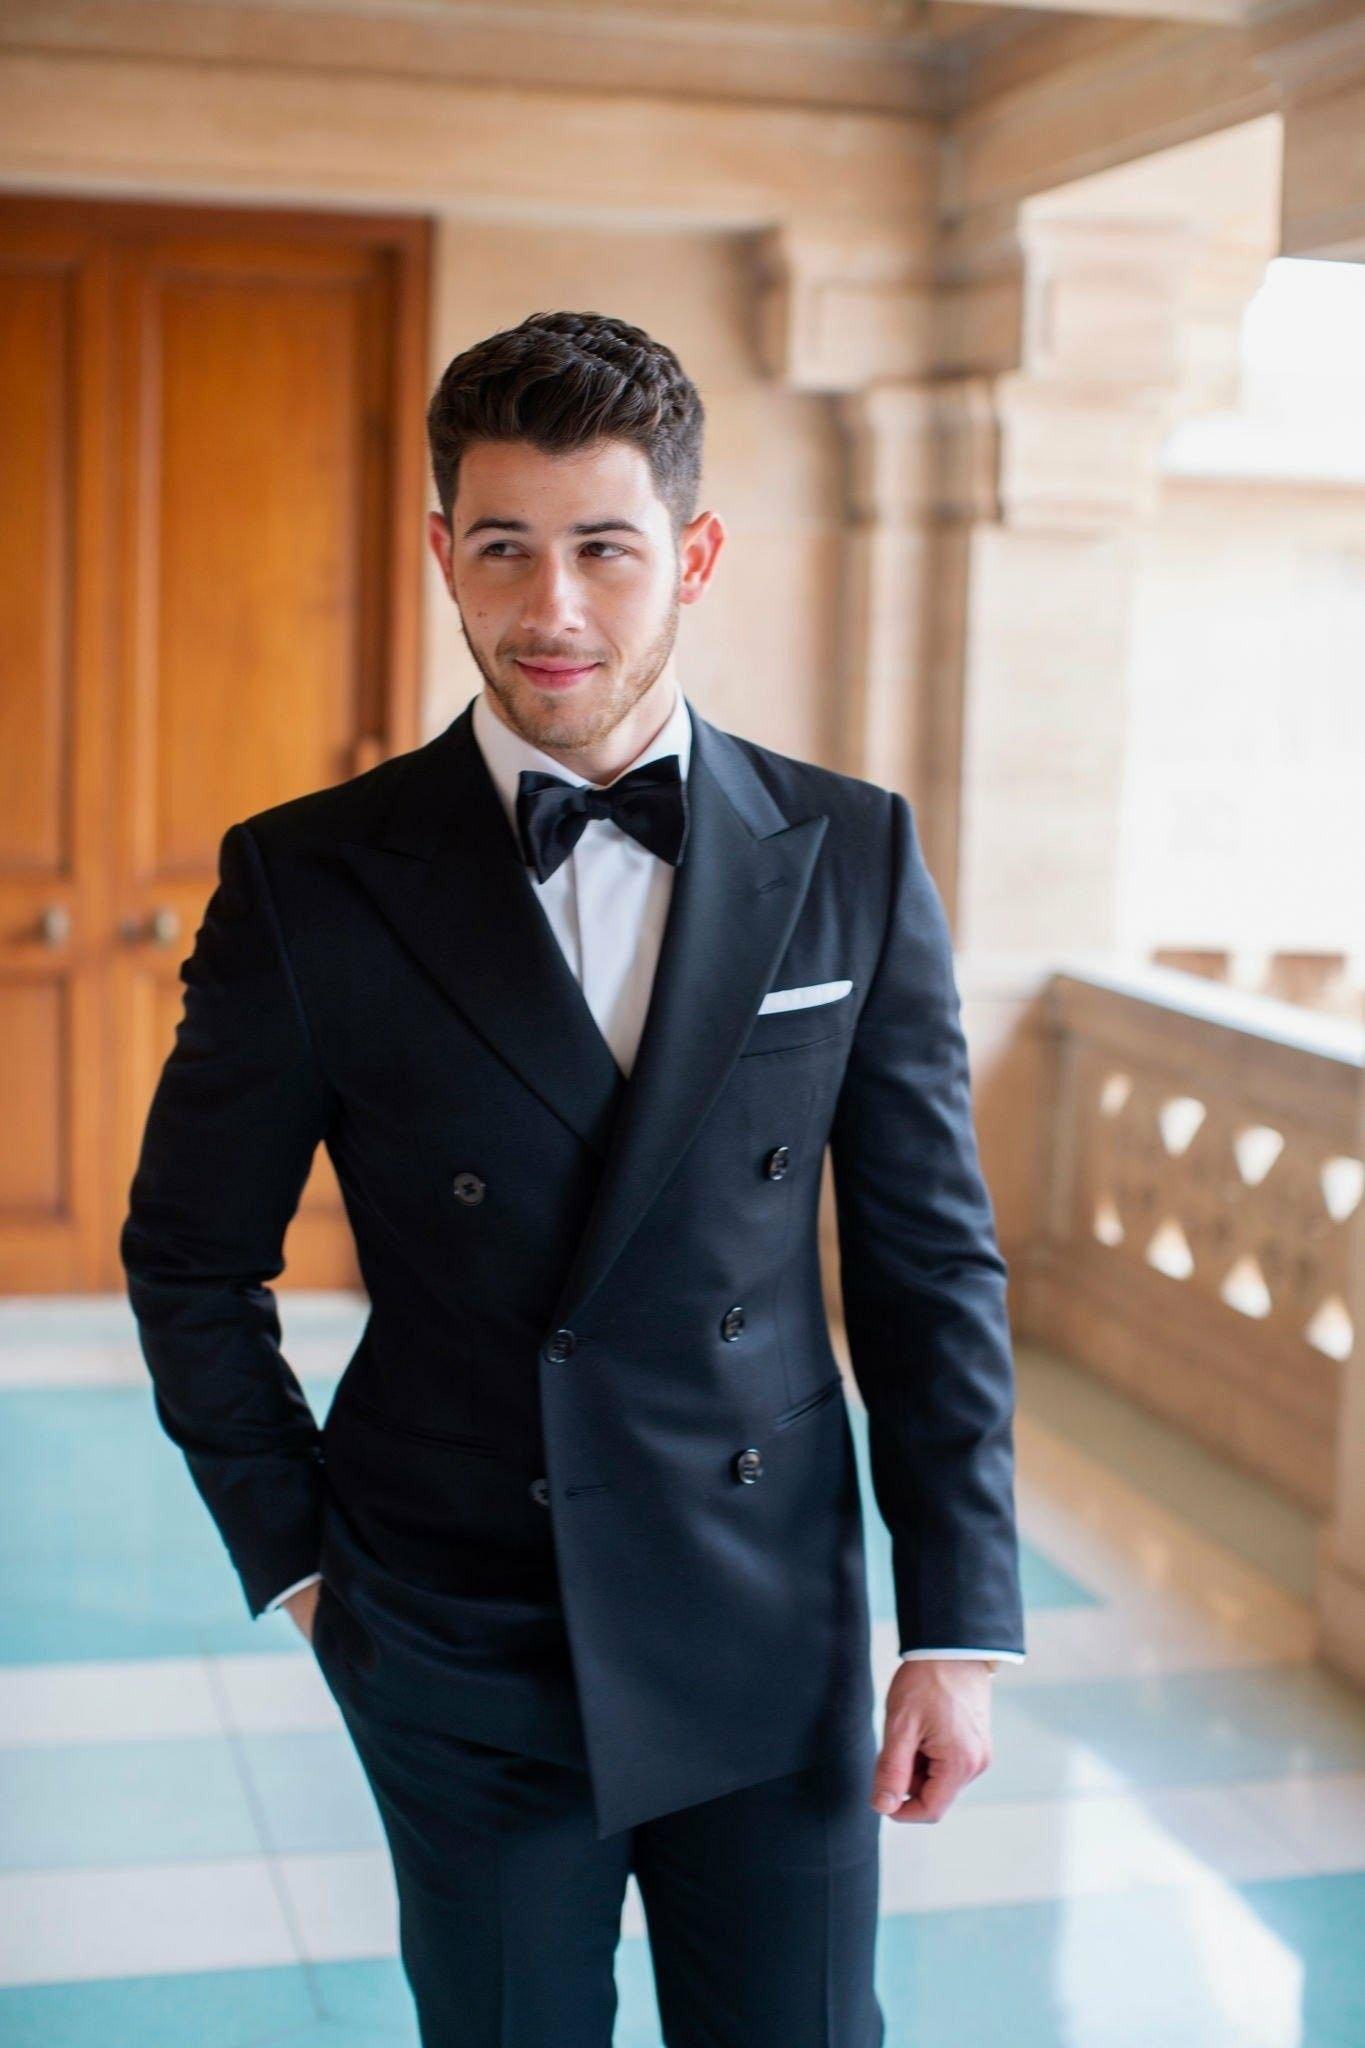 Wishing here a very Happy Birthday to Nick Jonas